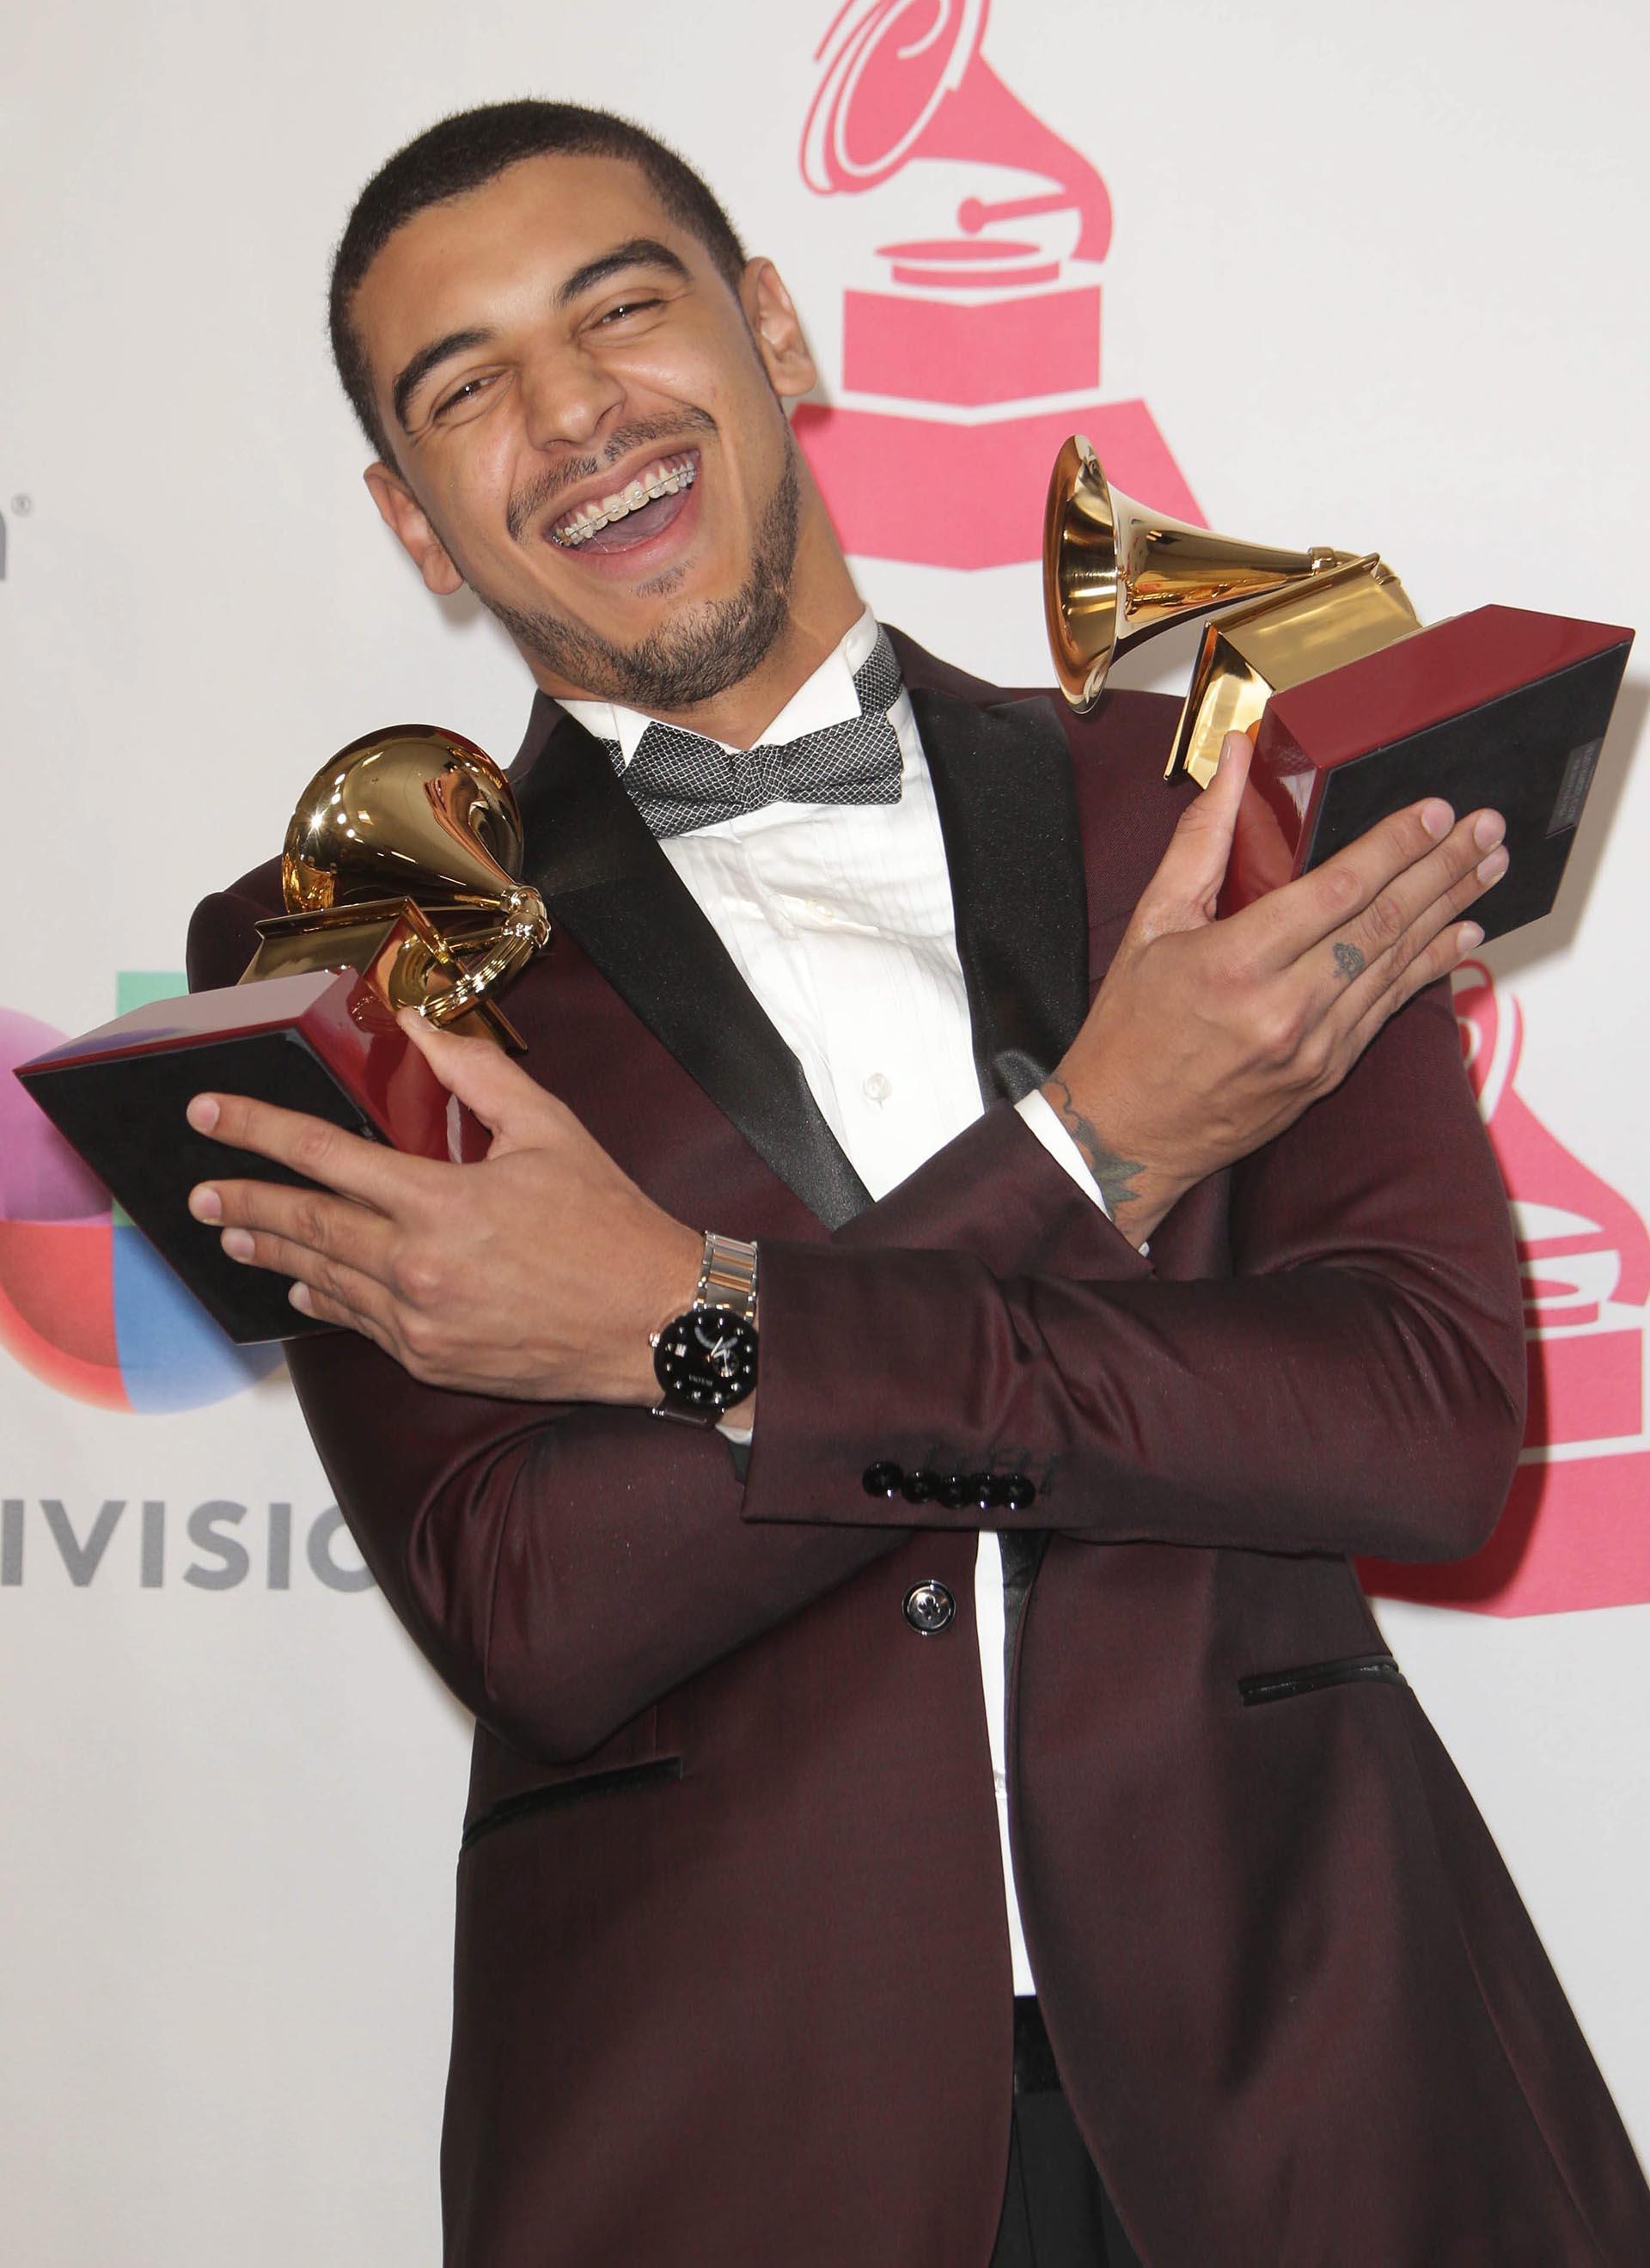 Manuel Medrano posa con sus premios a Mejor Álbum Cantautor y Mejor Artista Nuevo